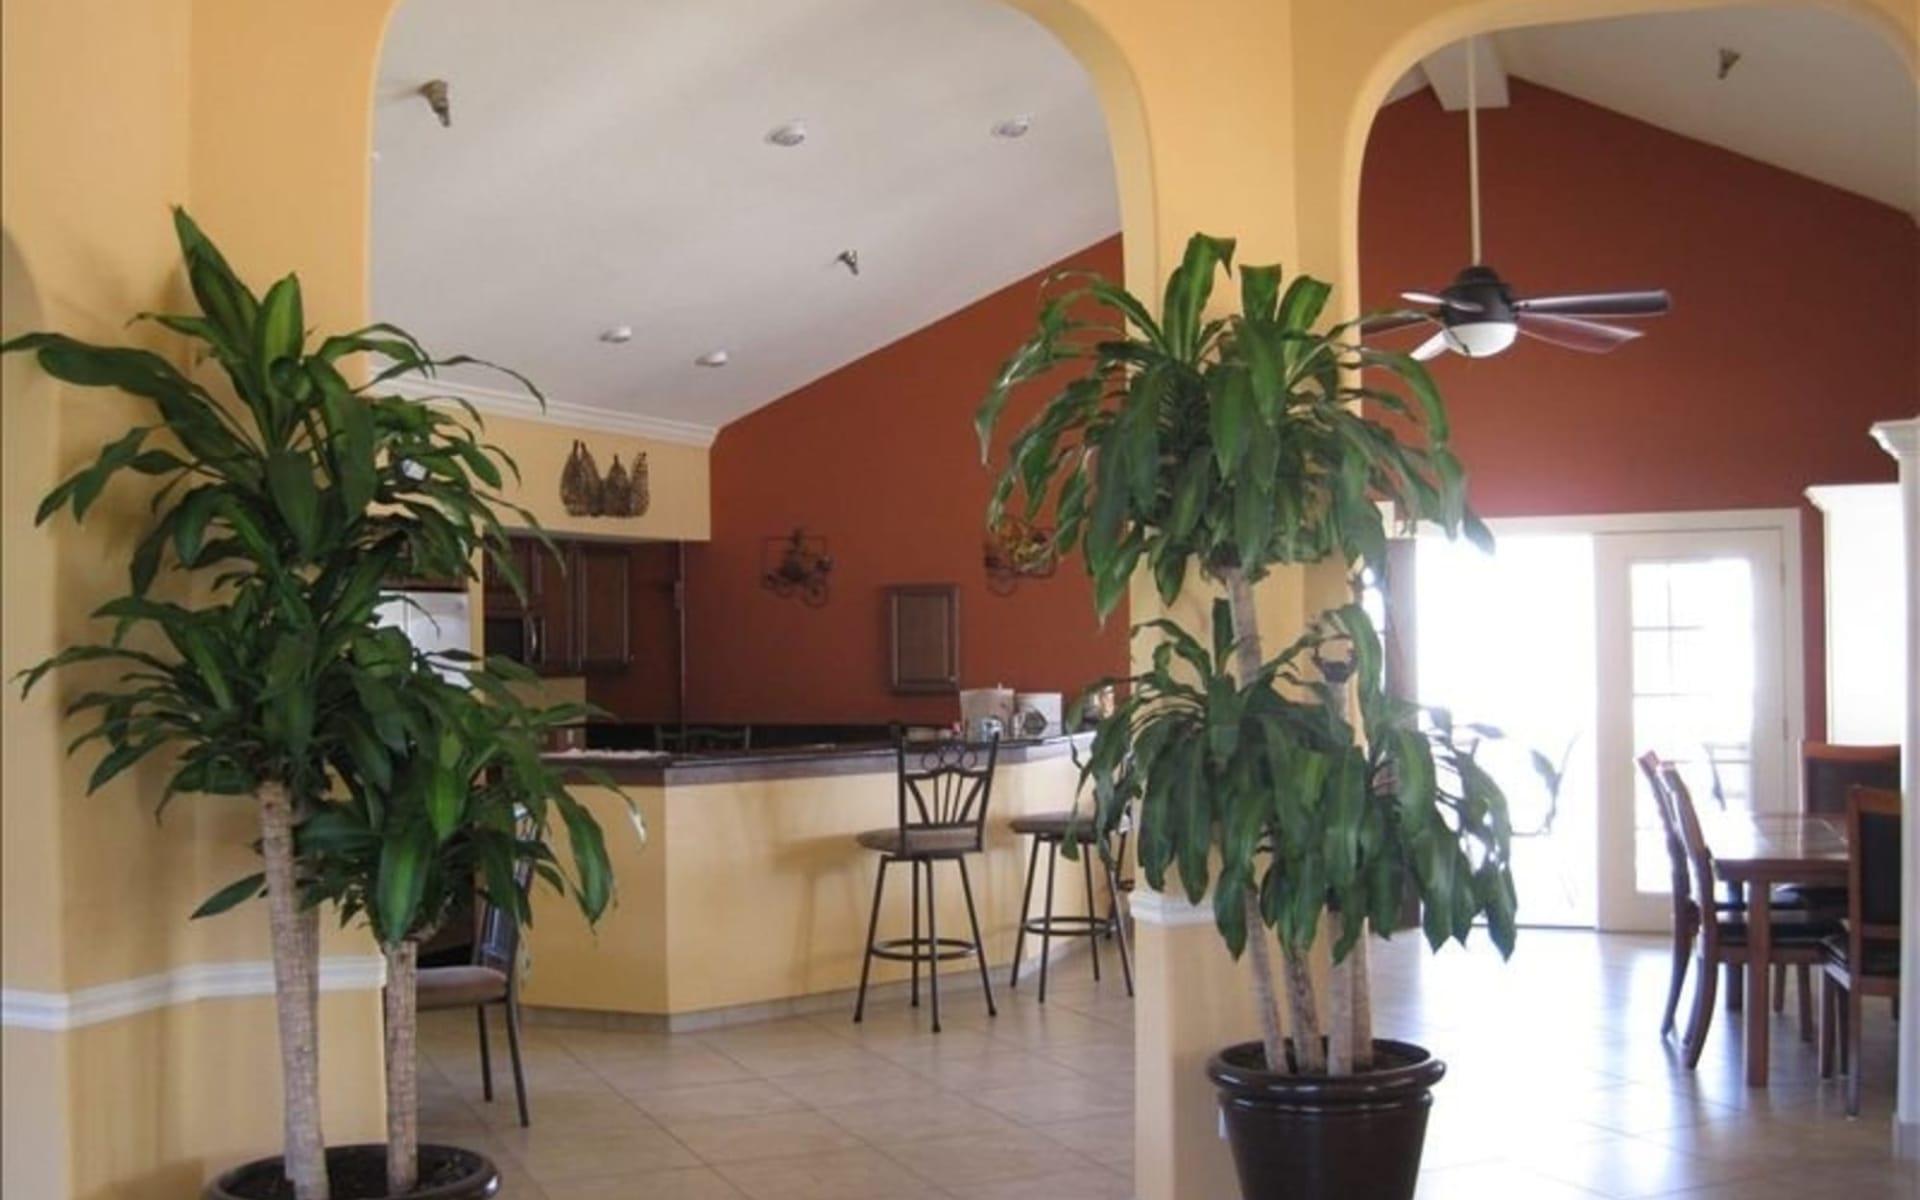 Shorewalk Villas Resort in Bradenton Beach: Zimmer_Shorewalk Villas Resort_Clubhouse Interior_ATI